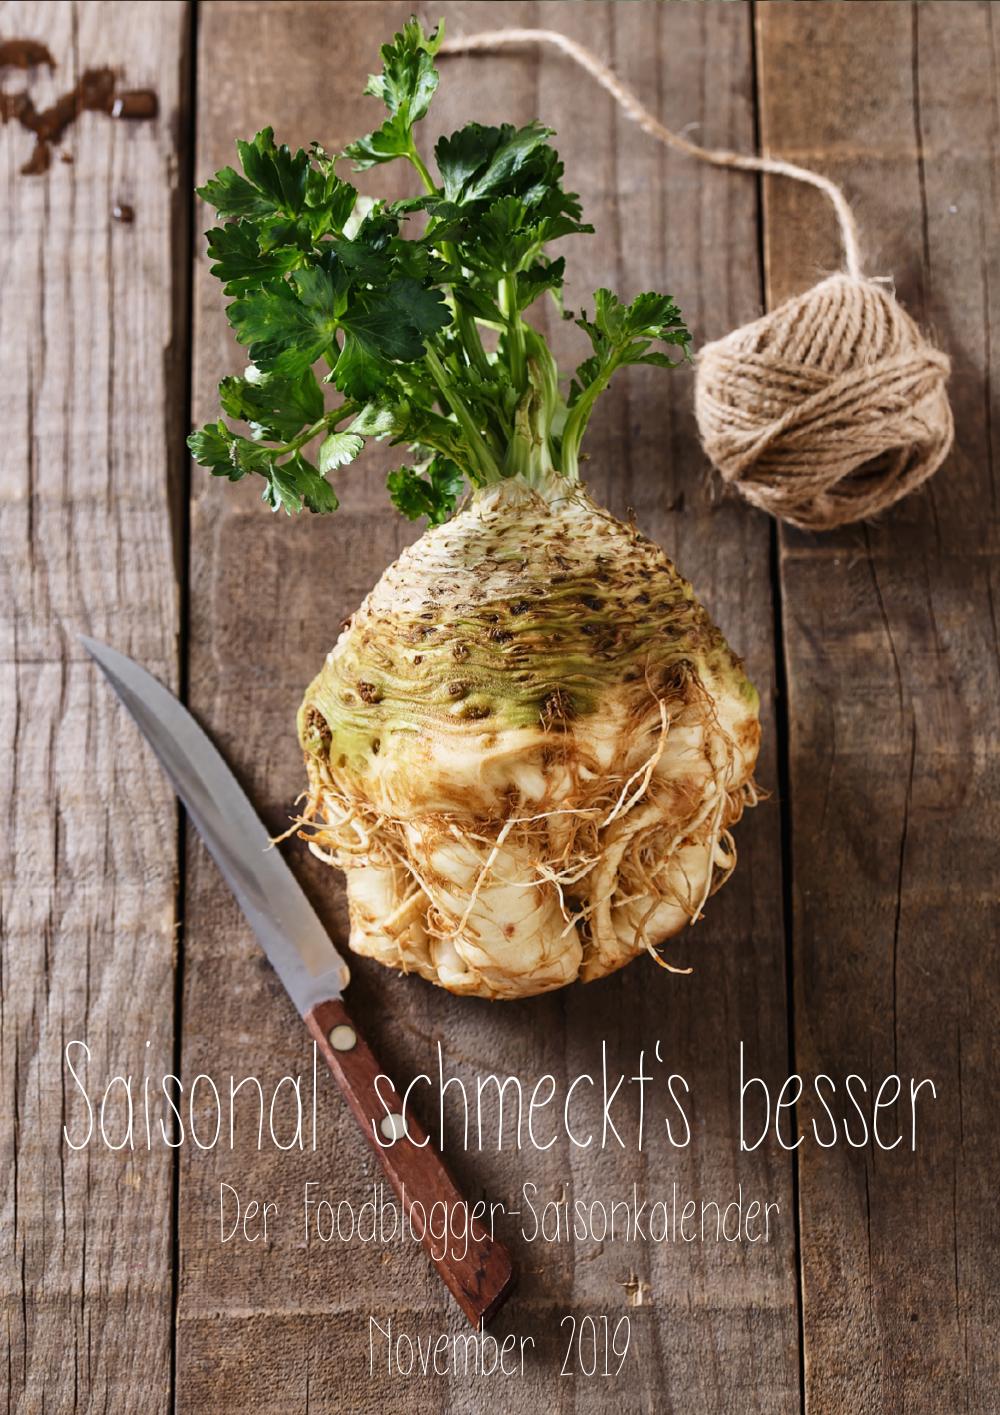 Saisonal-schmeckts-besser-november-2019